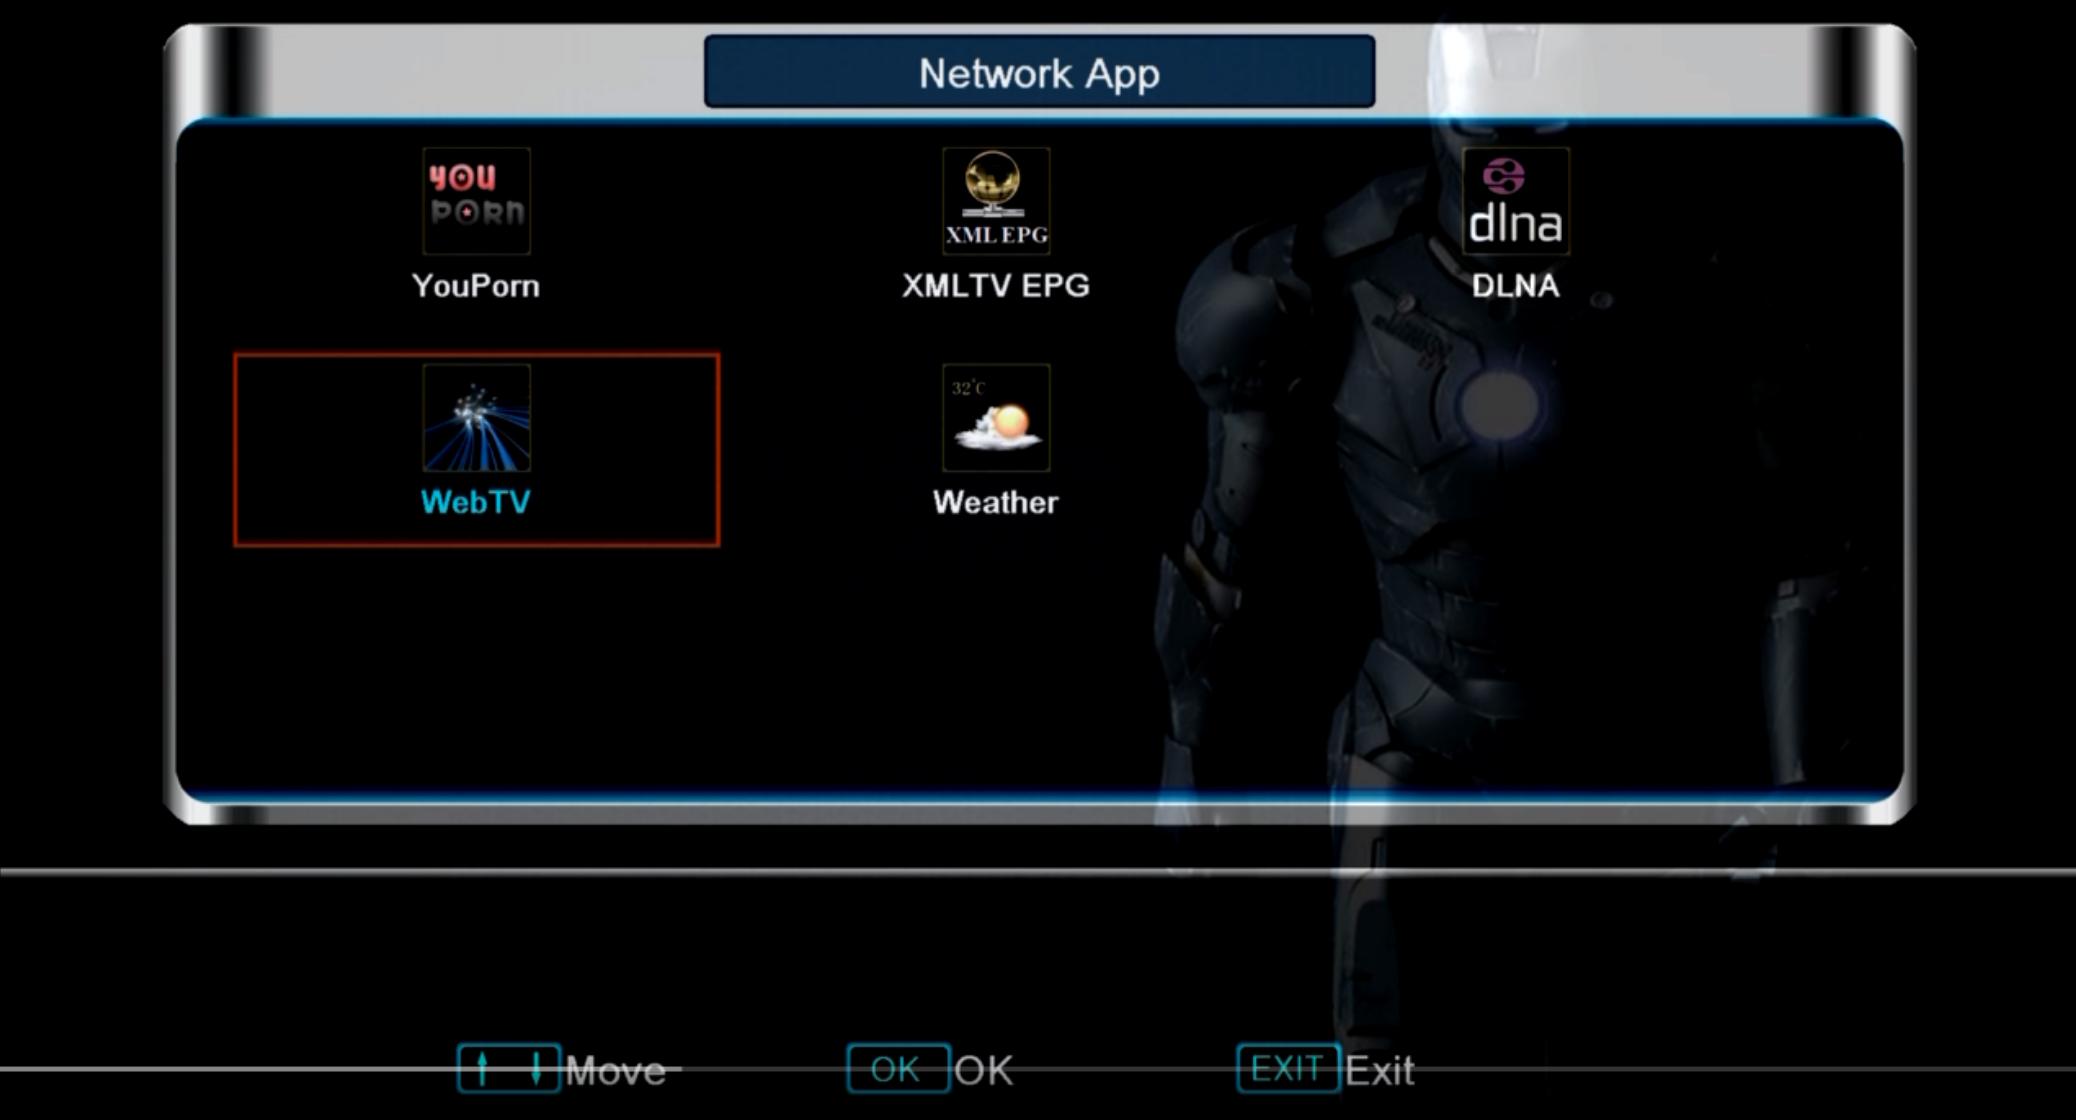 Set up IPTV channel on Openbox V8S - IPTV Subscription